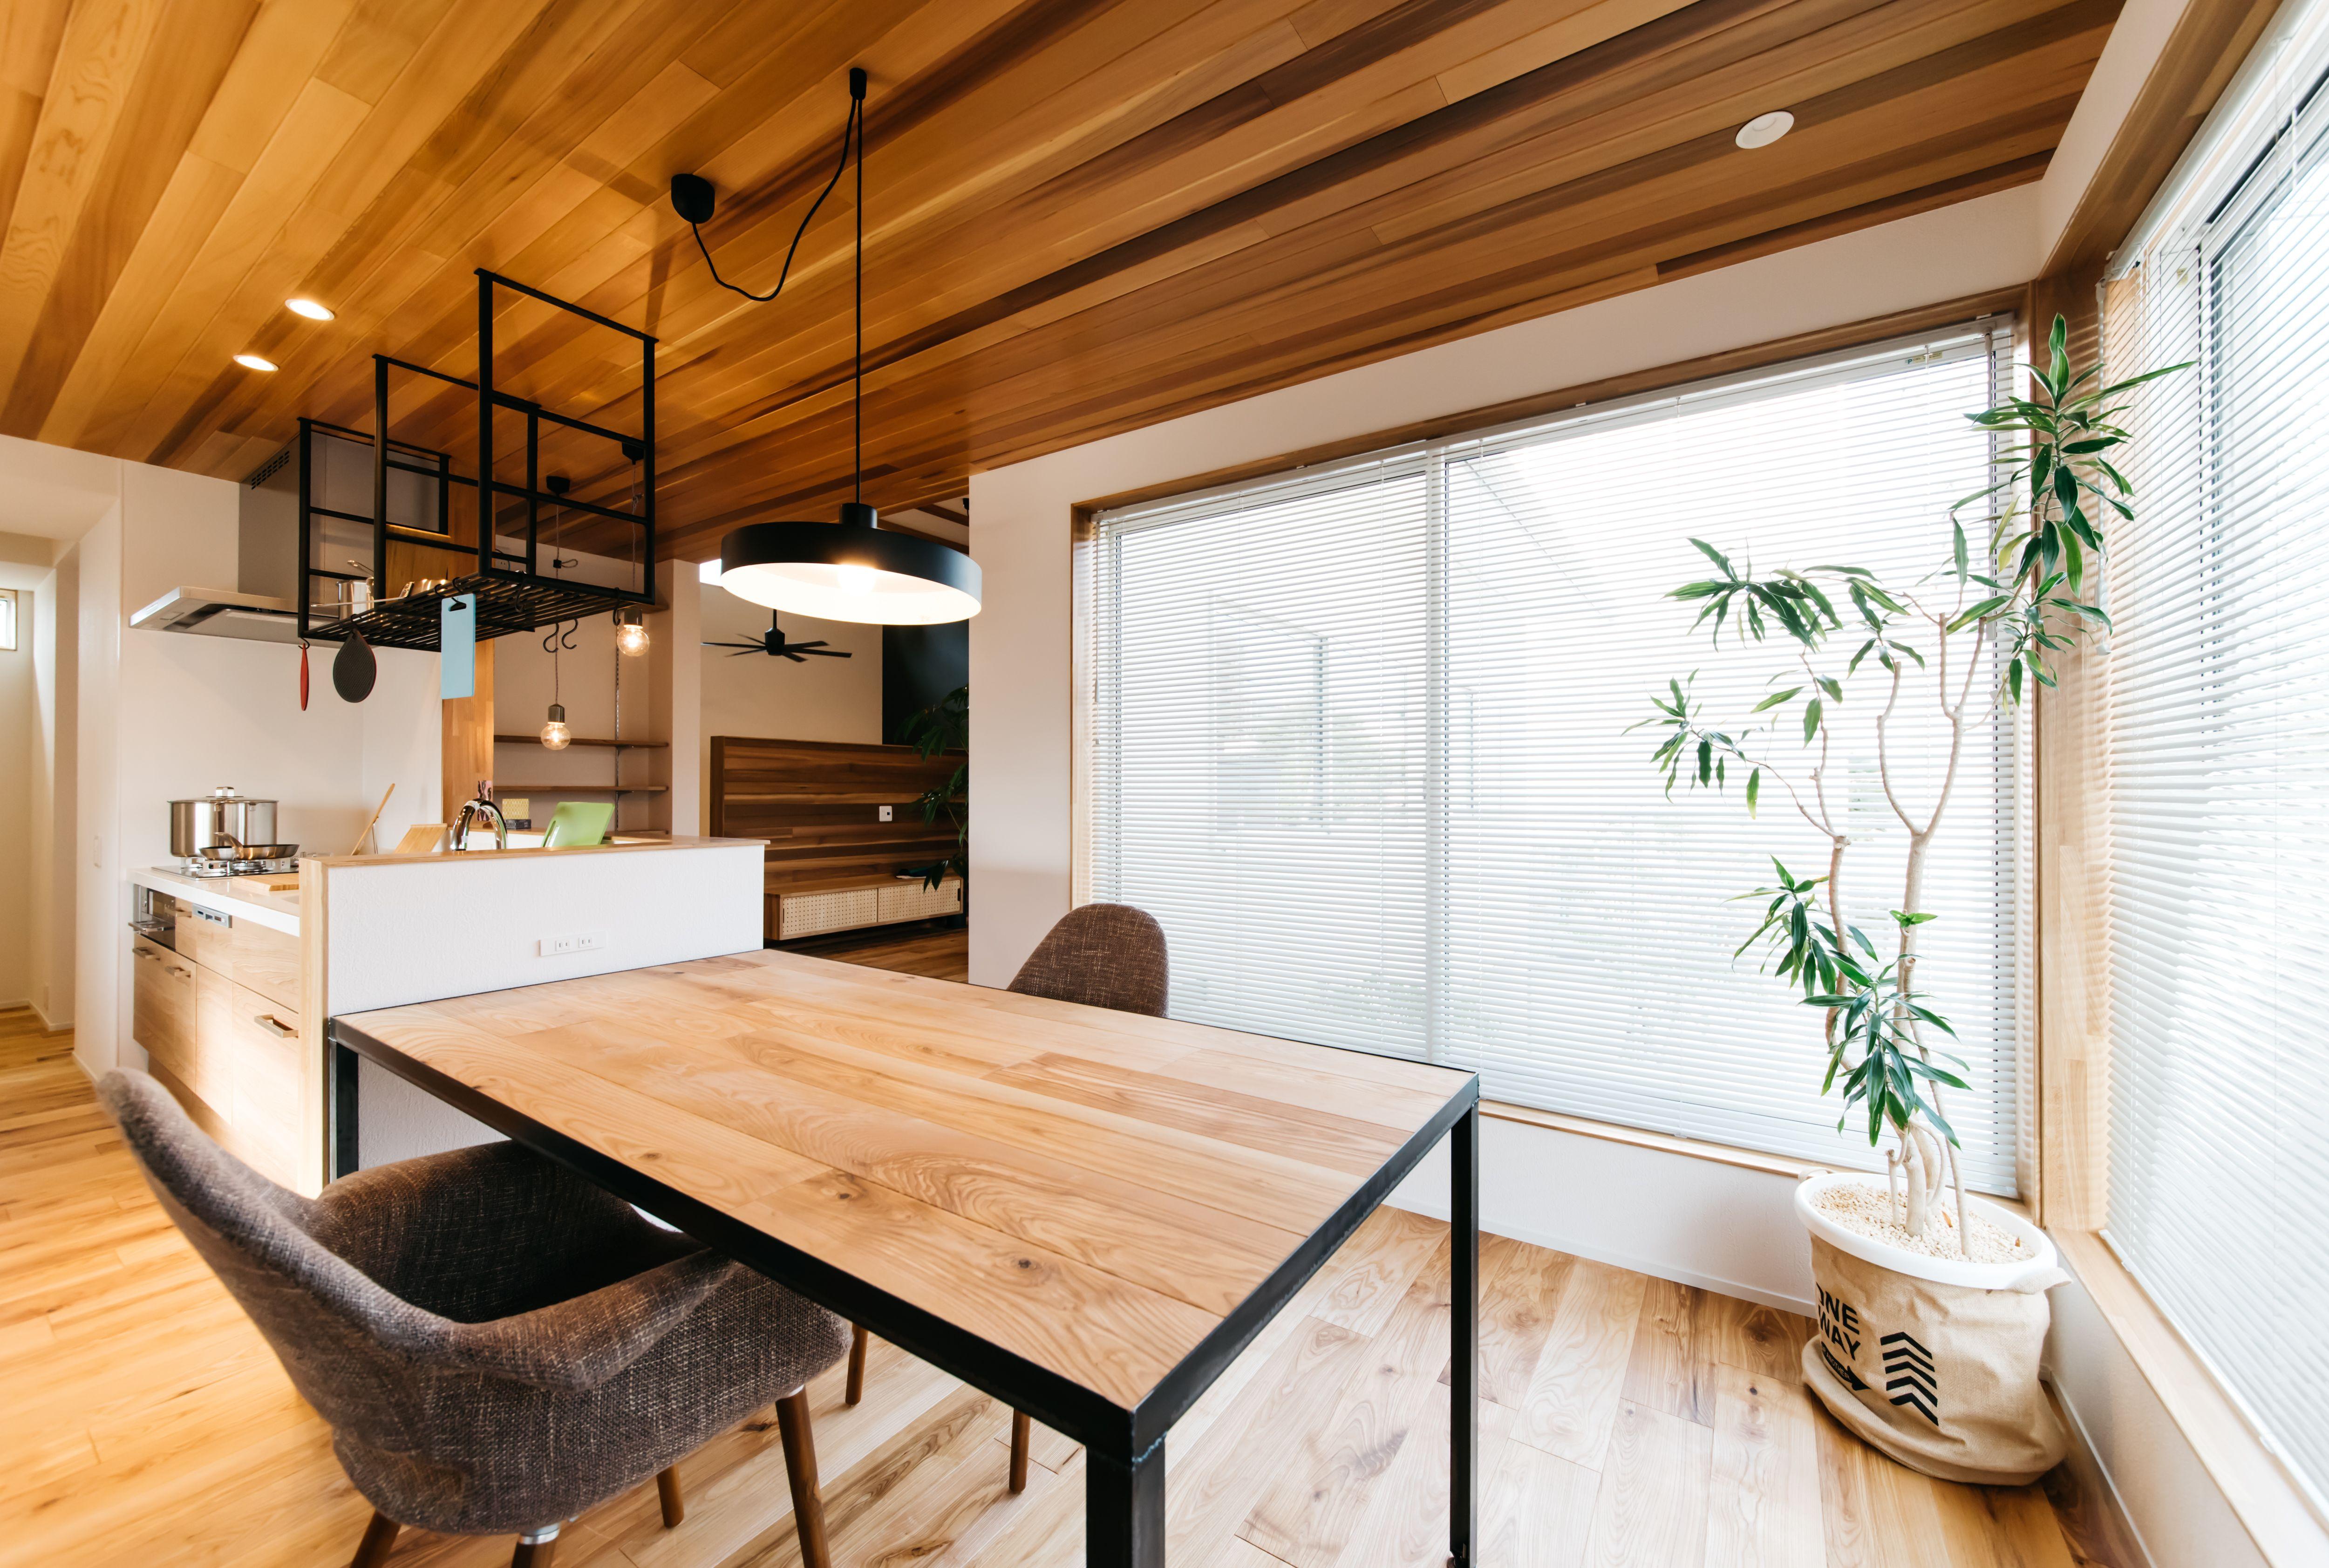 施工実例 ダイニング キッチン 天井板張り 吉成建築 模様替え